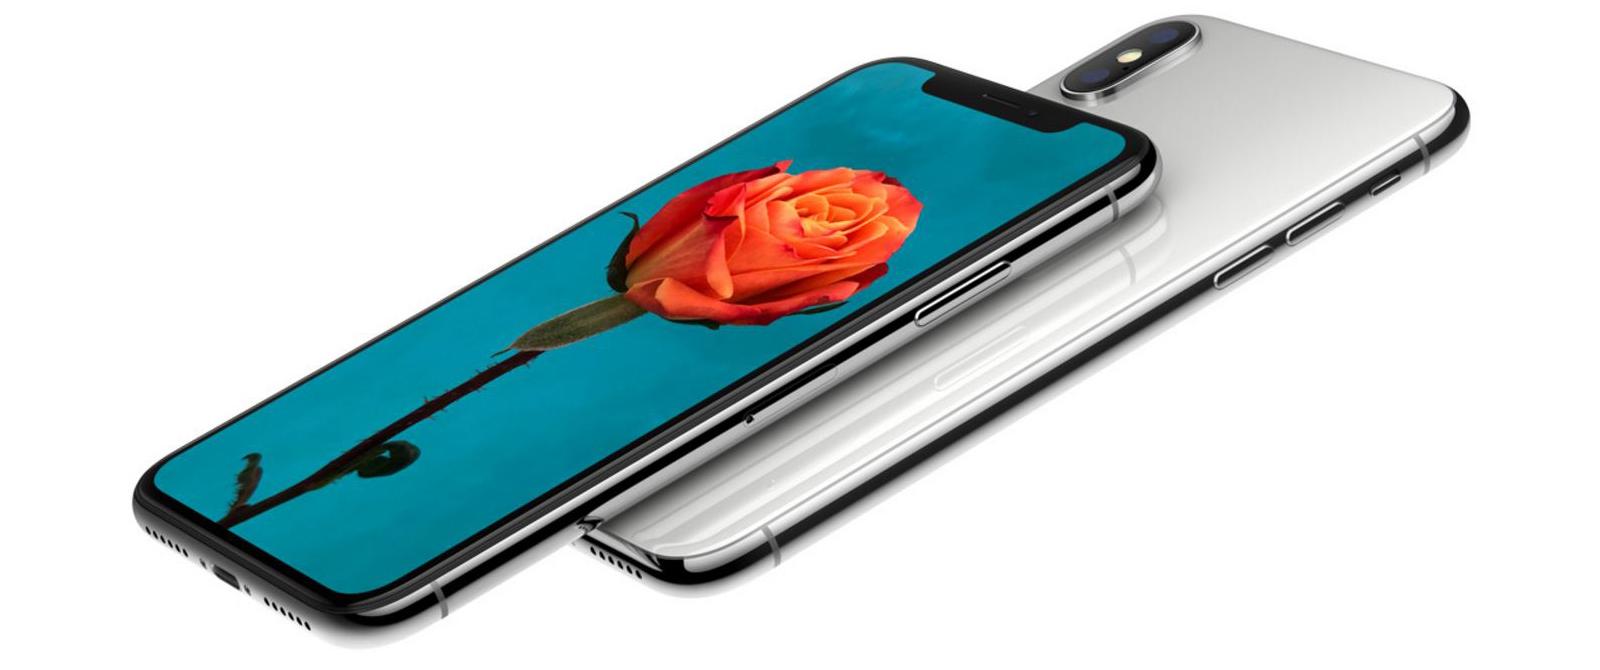 Compara el nuevo iPhone X contra la competencia